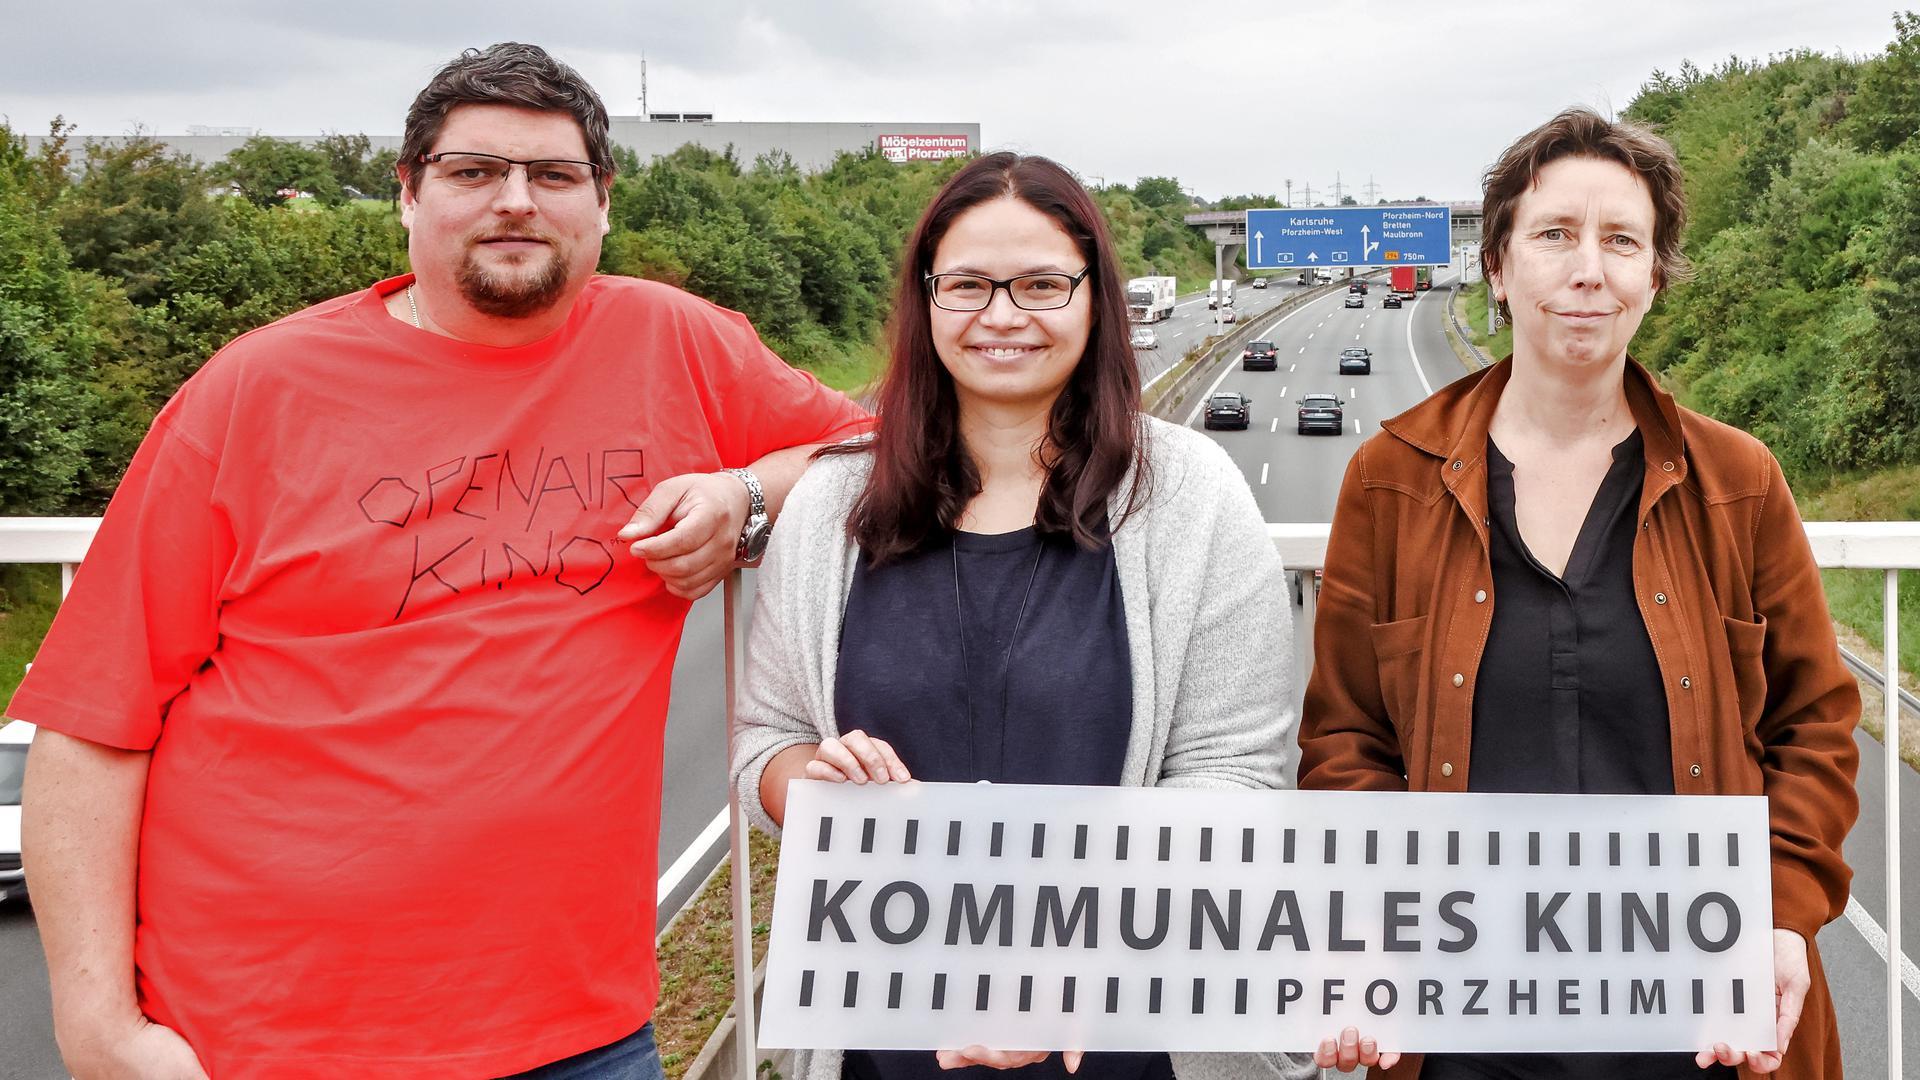 Timo Gerstel, Sarah Münzer und Christine Müh (von links) vom Kommunalen Kino Pforzheim wollen eine Vorführung an einem sehr ungewöhnlichen Ort bieten, nämlich auf der A8 bei Pforzheim, die im Hintergrund zu sehen ist.